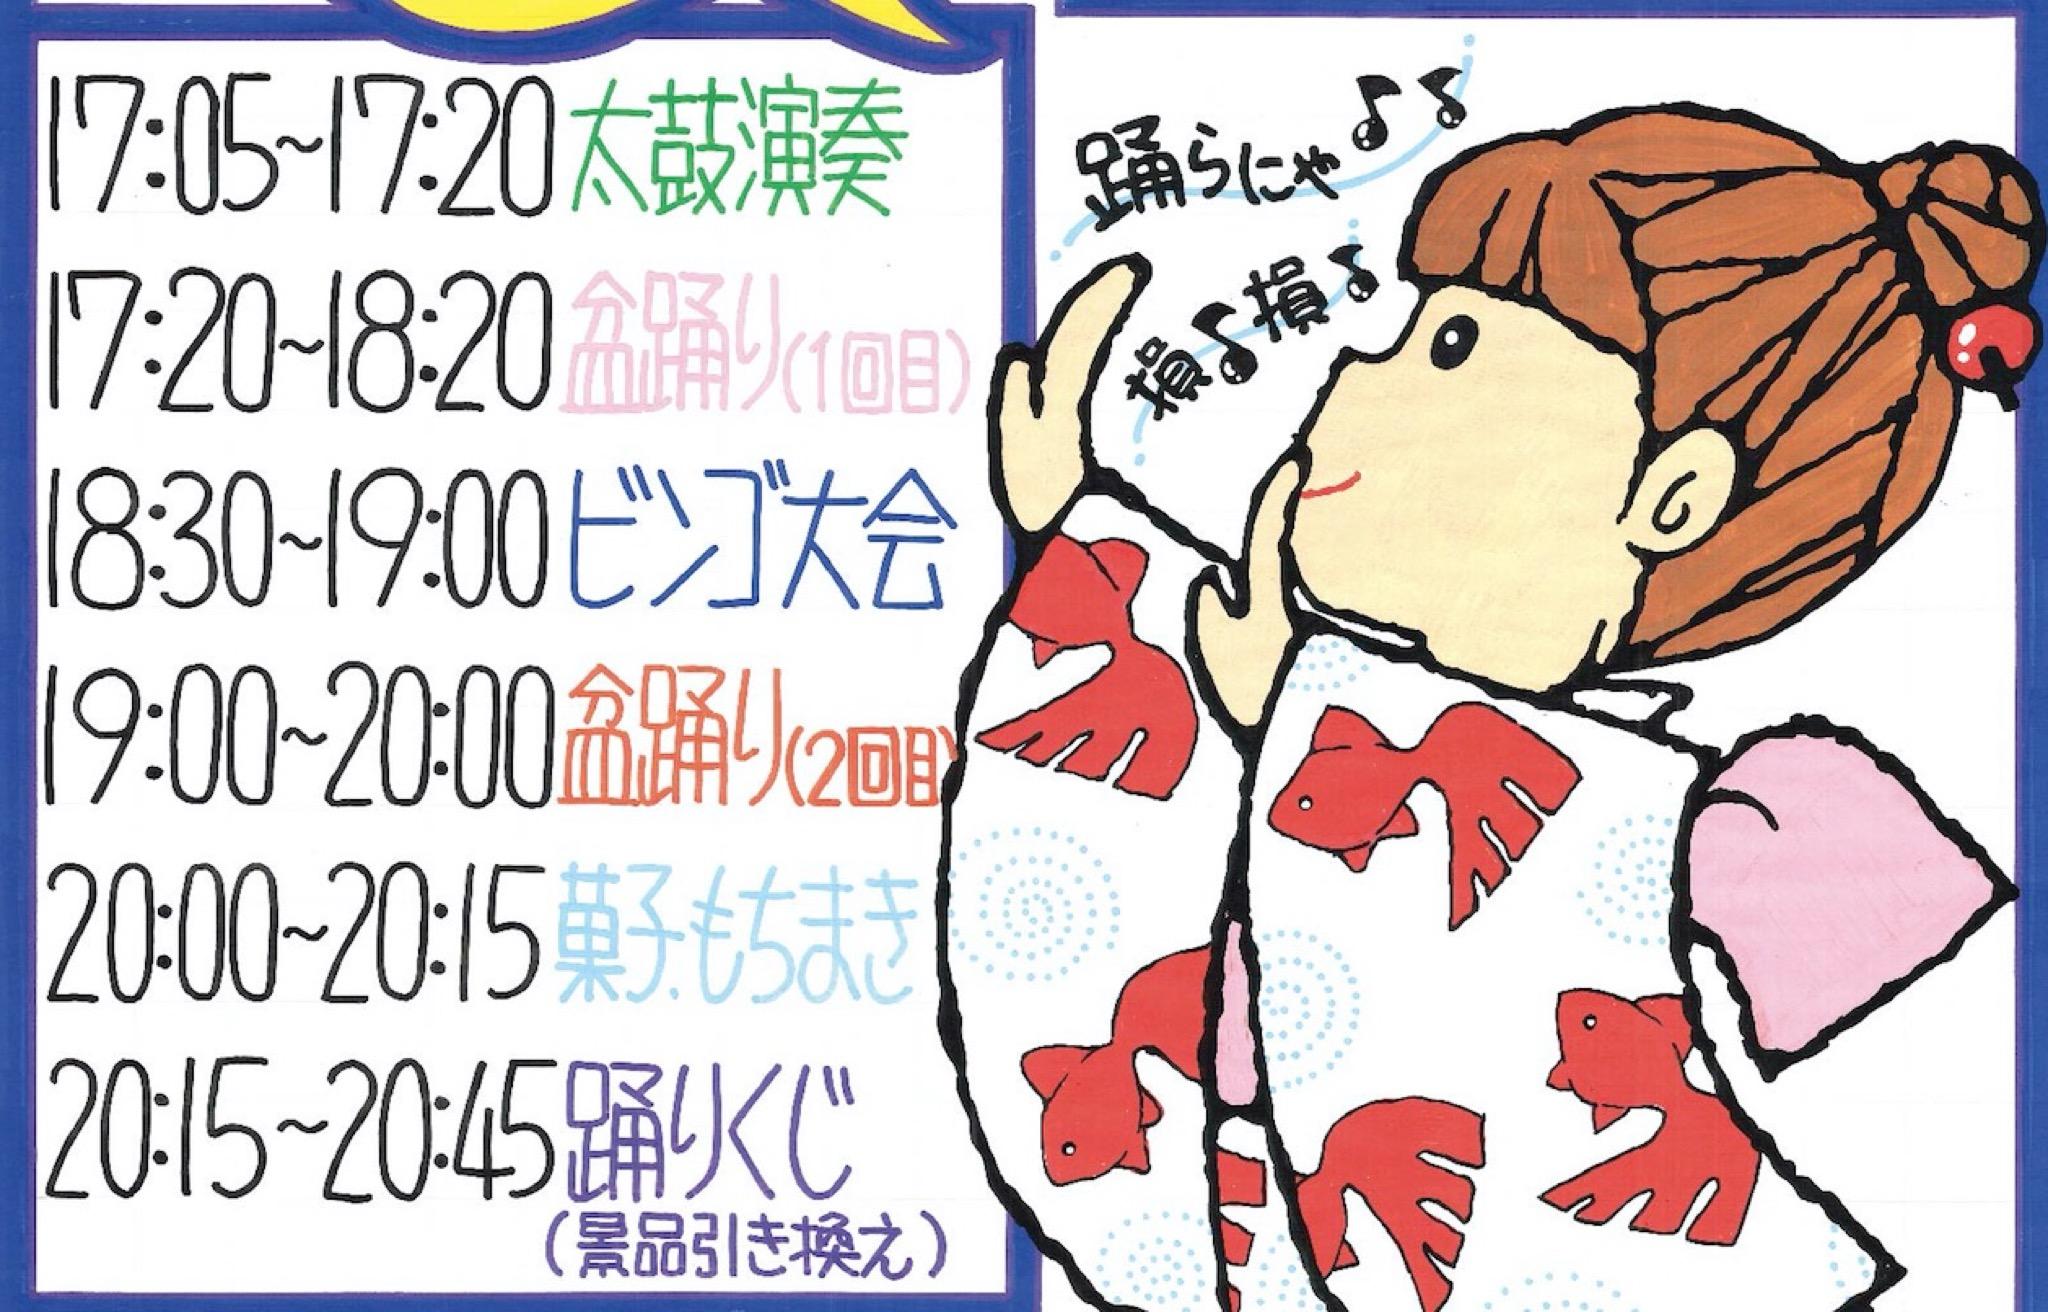 第29回の小林盆踊り大会(千葉県印西市)